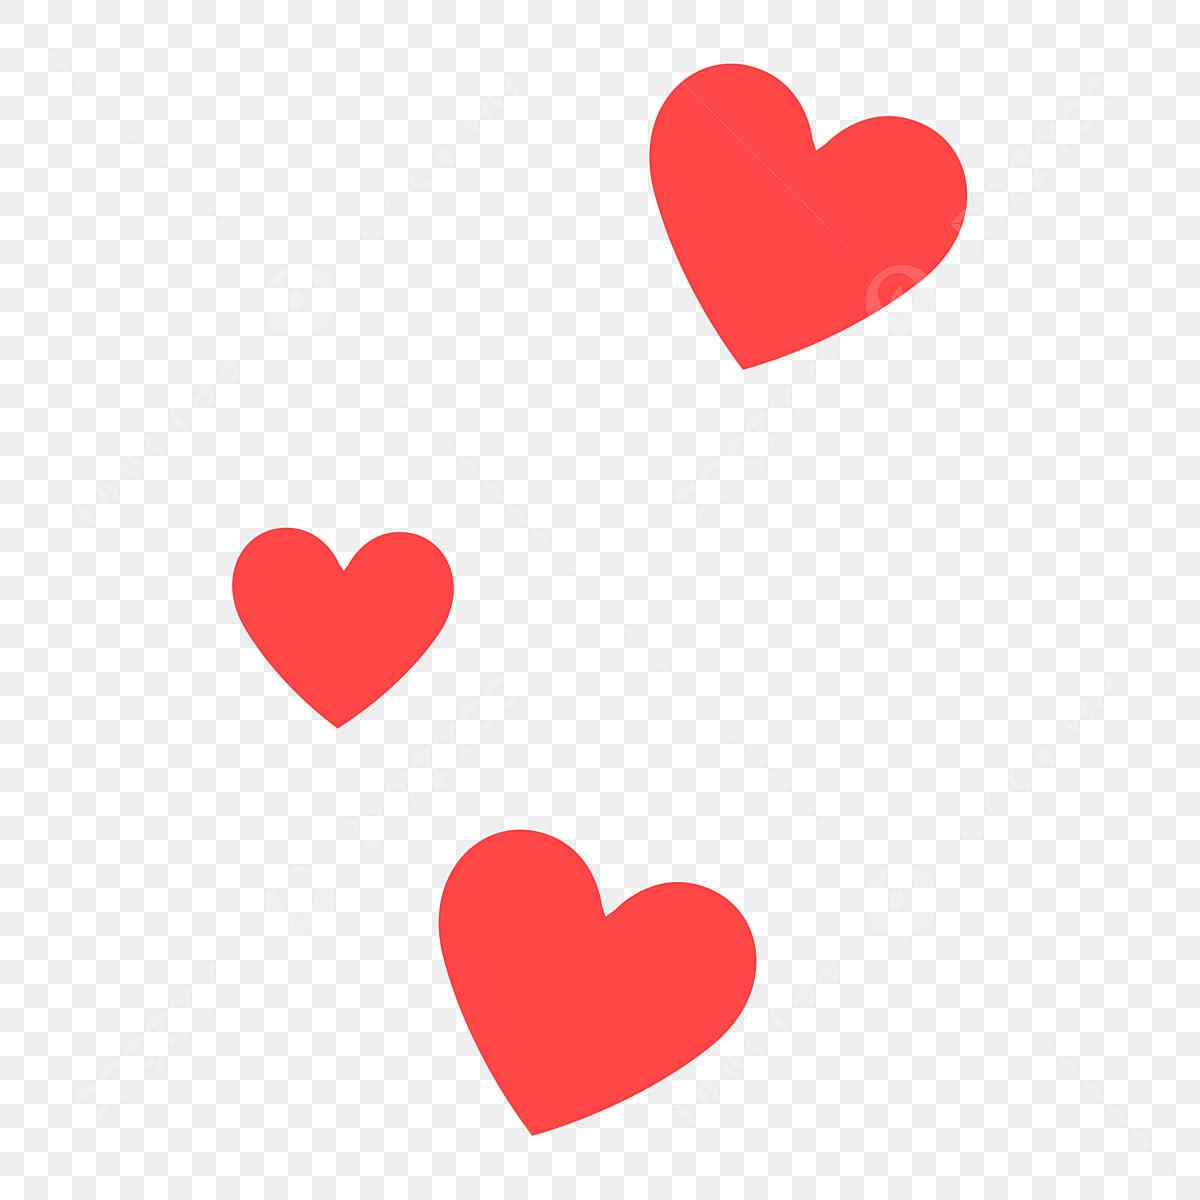 Ba Hình Trái Tim Dễ Thương Màu đỏ Hình Trái Tim Màu đỏ Dễ